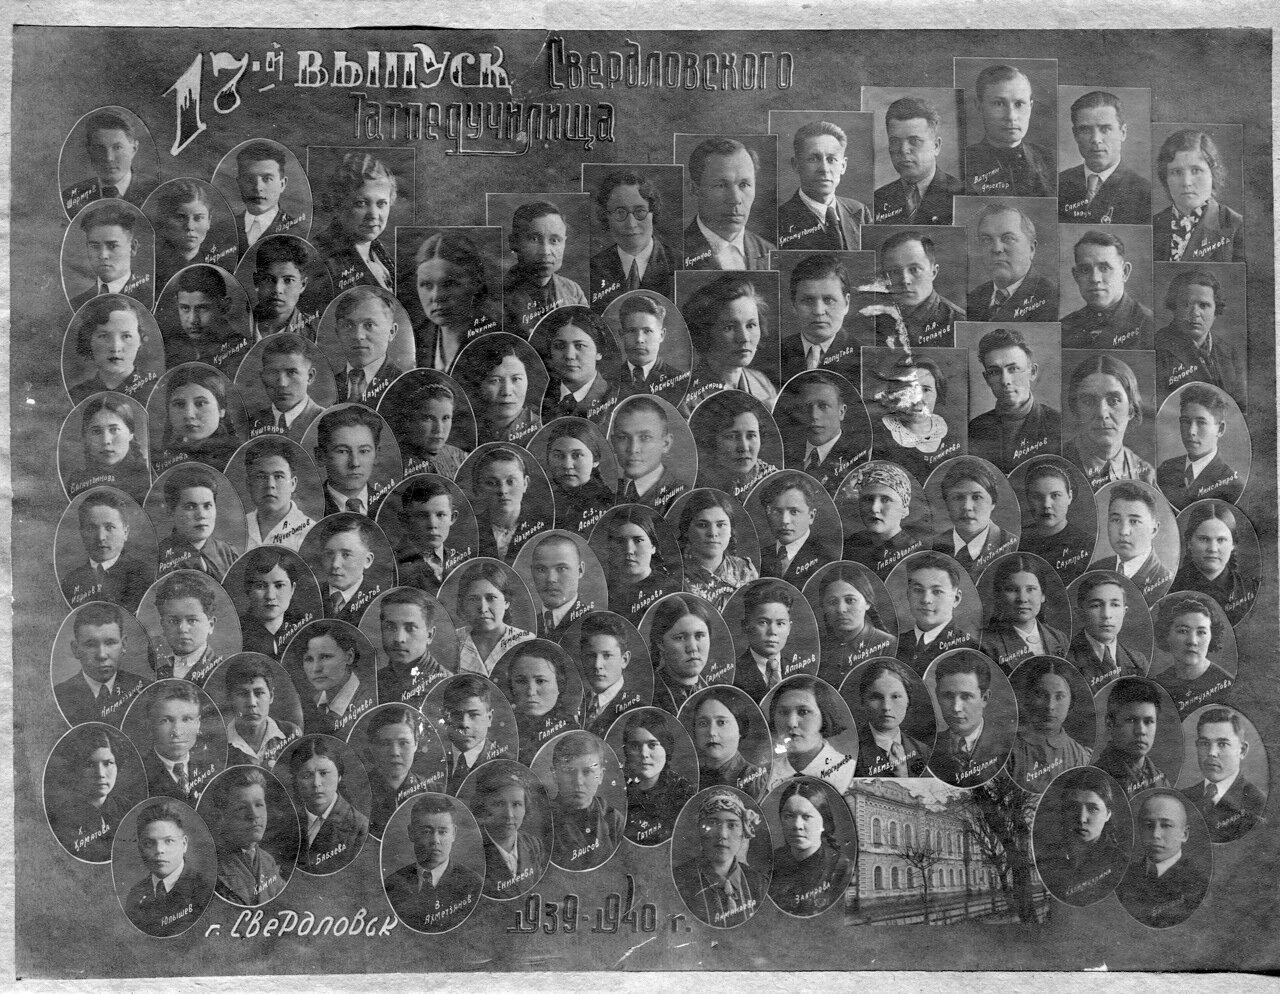 1939-1940. Свердловский татаро-башкирский педагогический техникум.